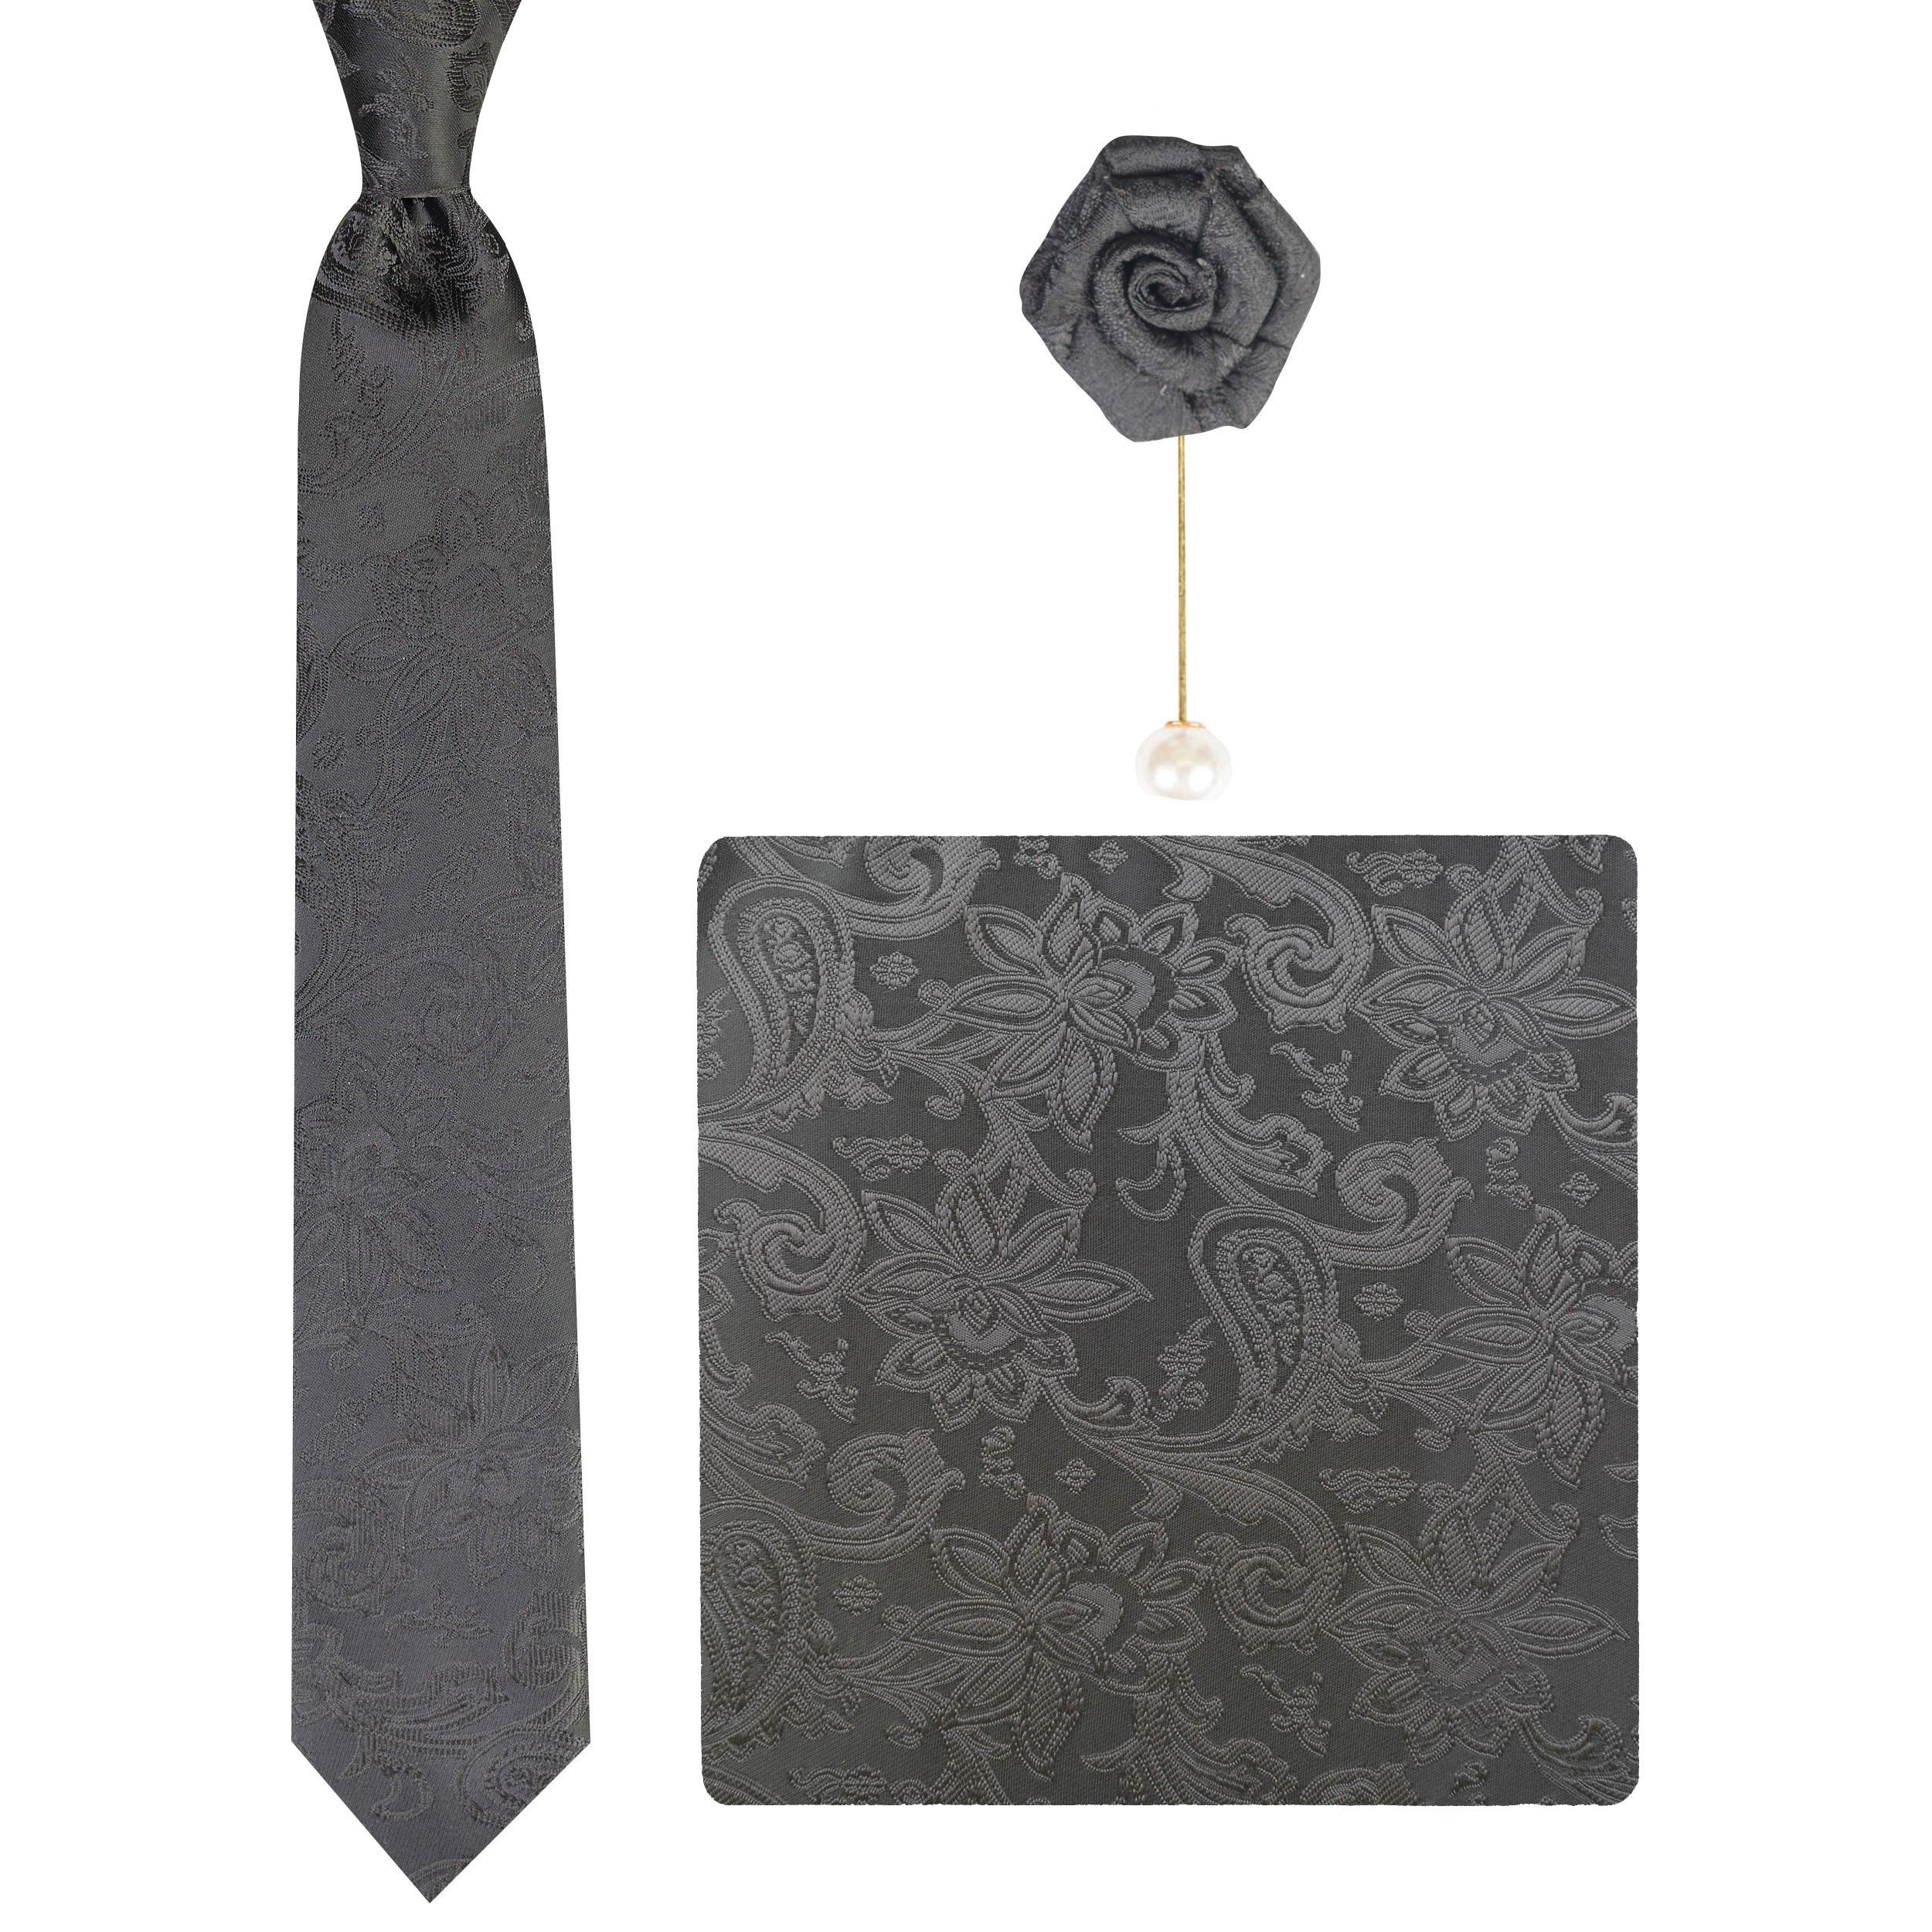 ست کراوات و دستمال جیب و گل کت مردانه جیان فرانکو روسی مدل GF-SF222-BK